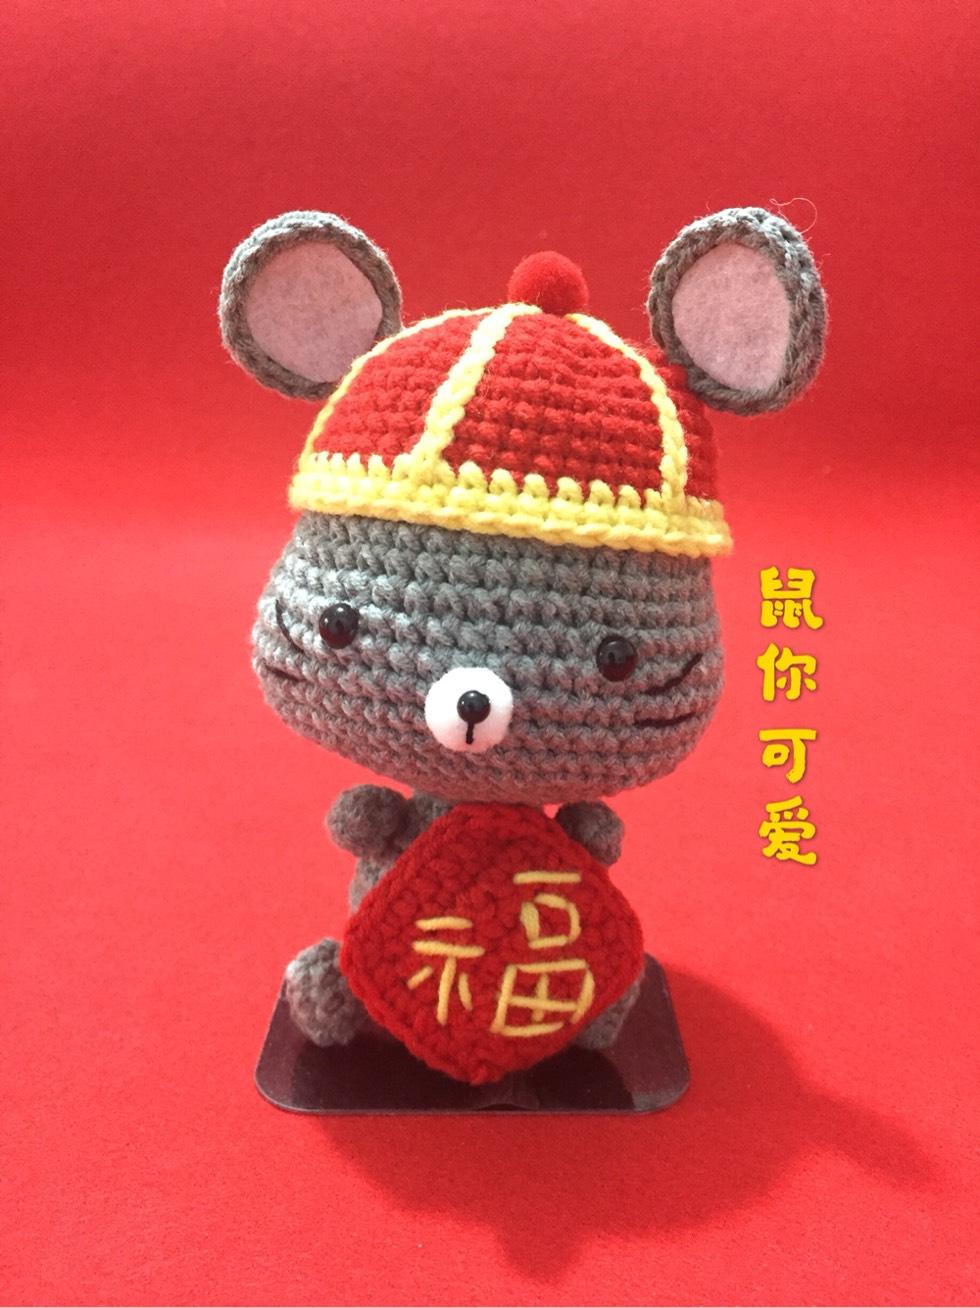 中国结论坛 新年快乐  作品展示 193053r3bc66vombvticvi